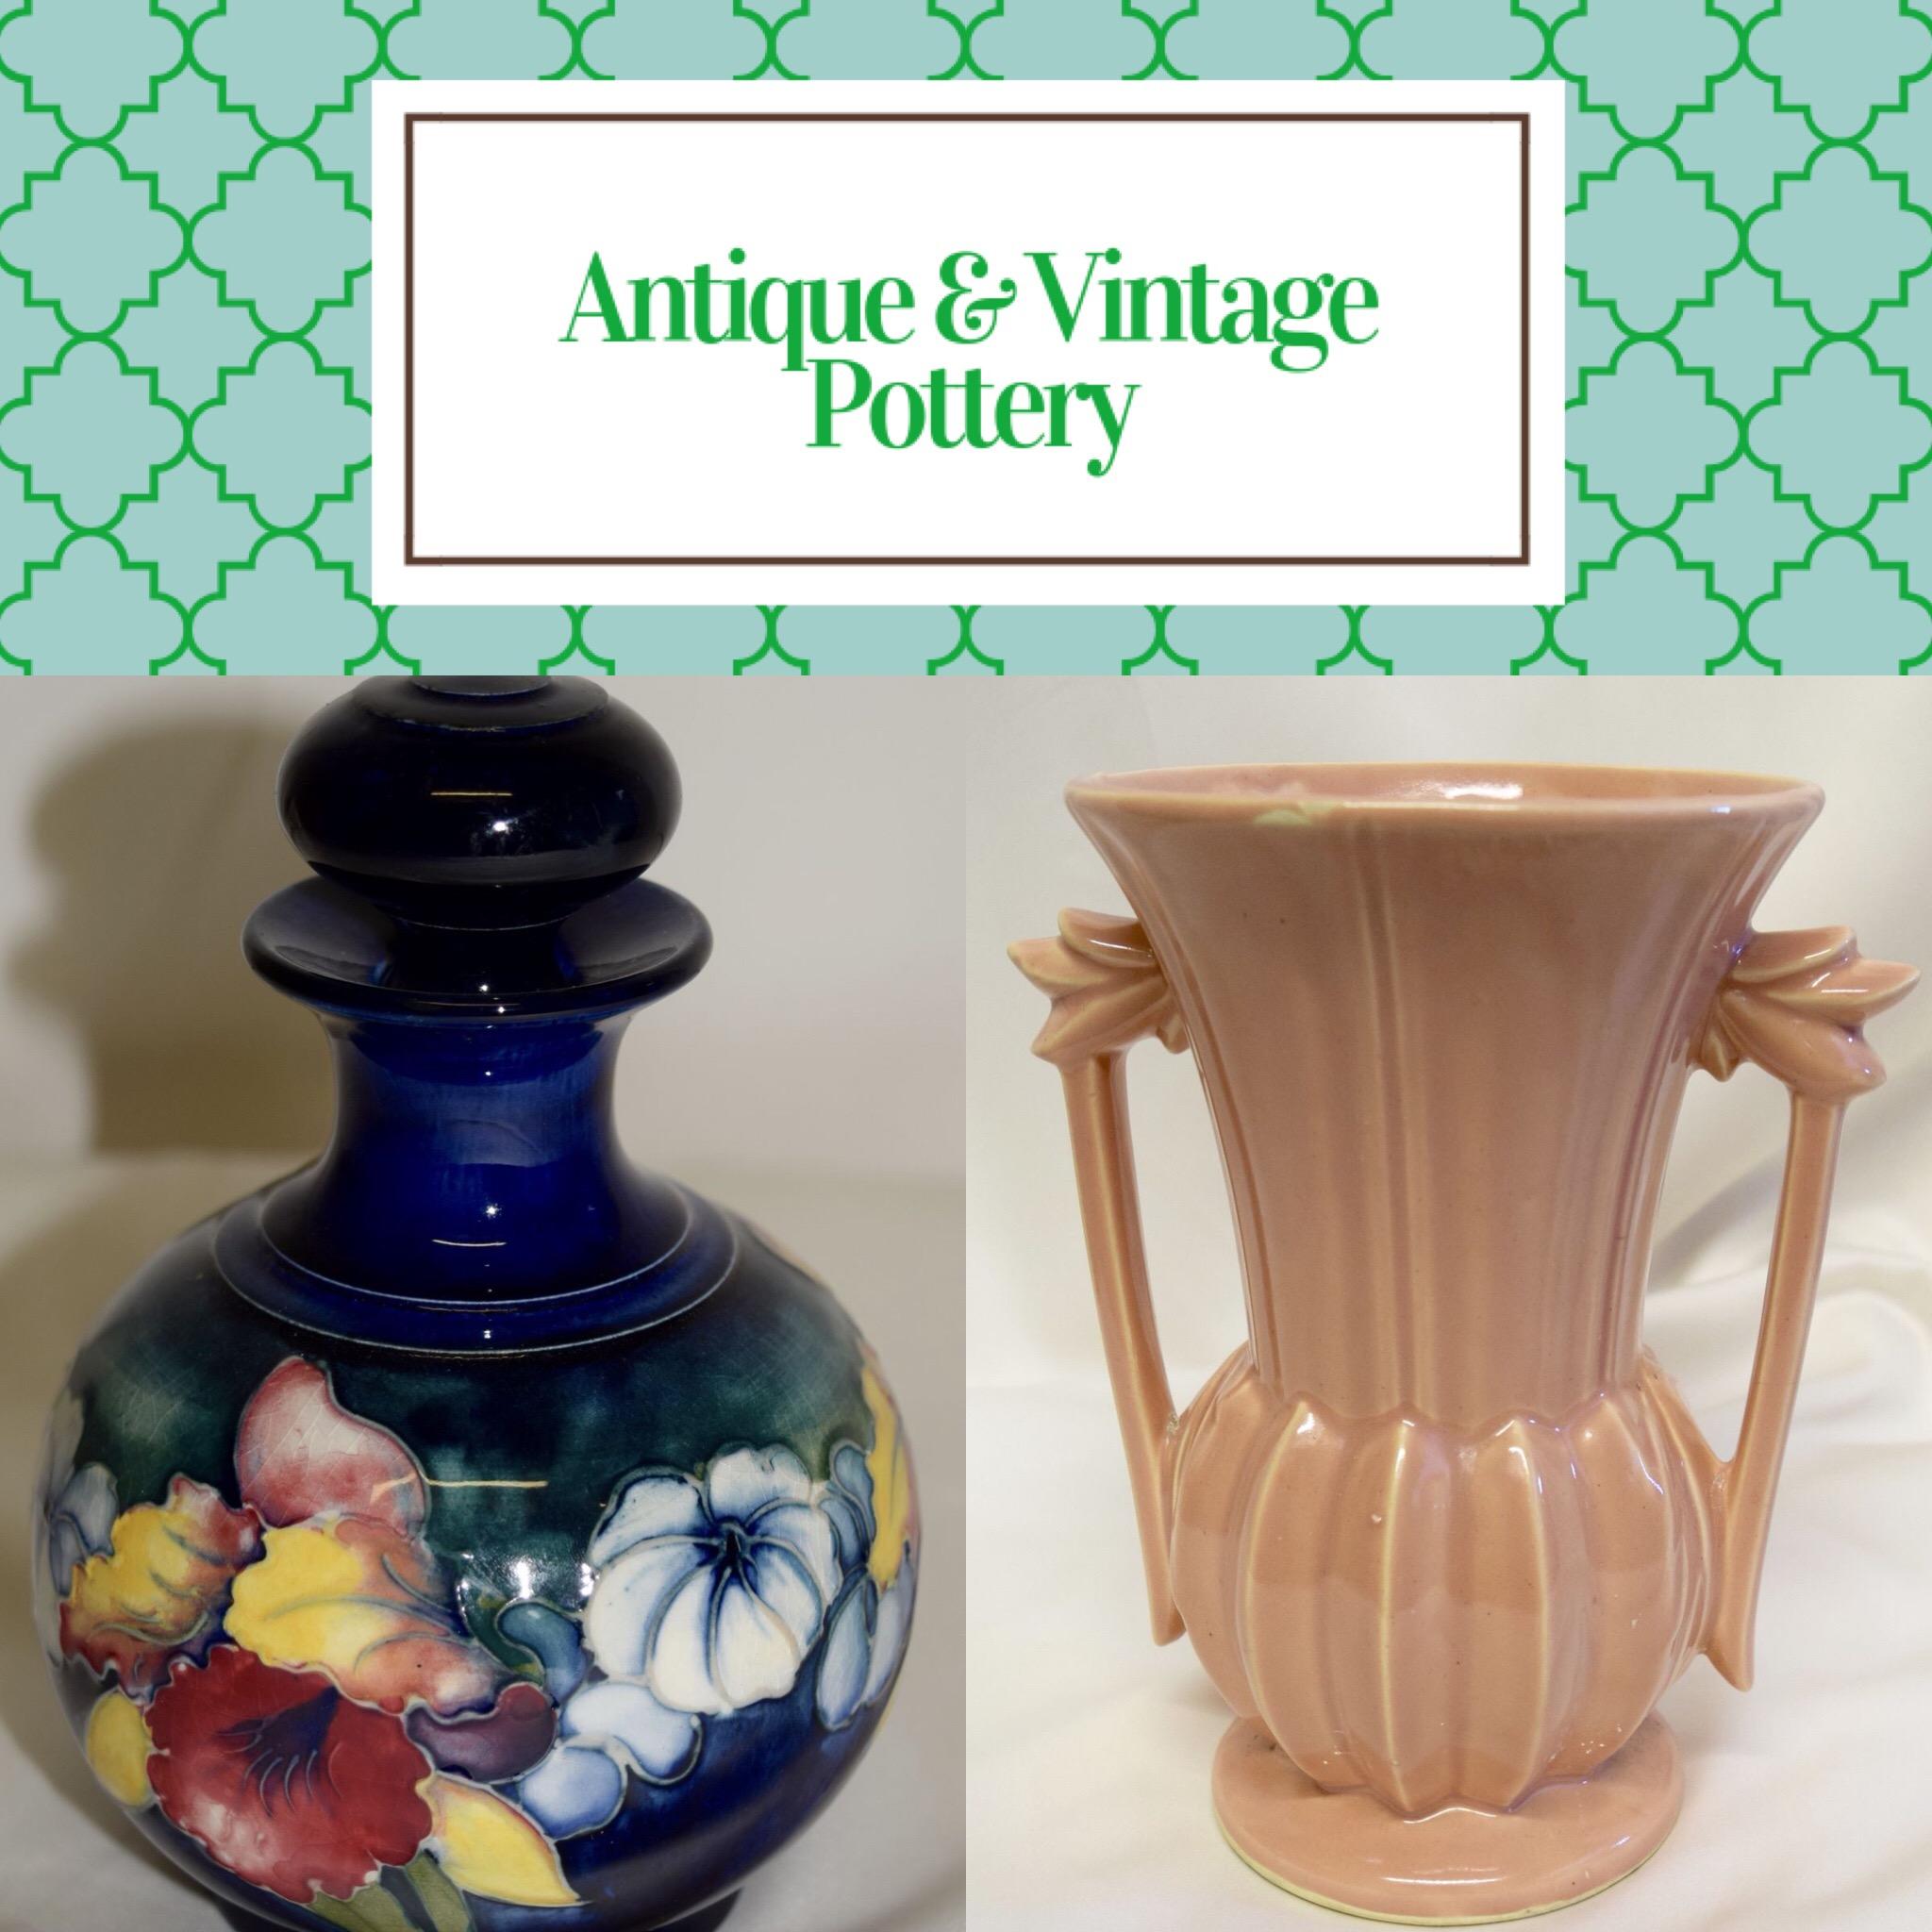 Antique & Vintage Pottery